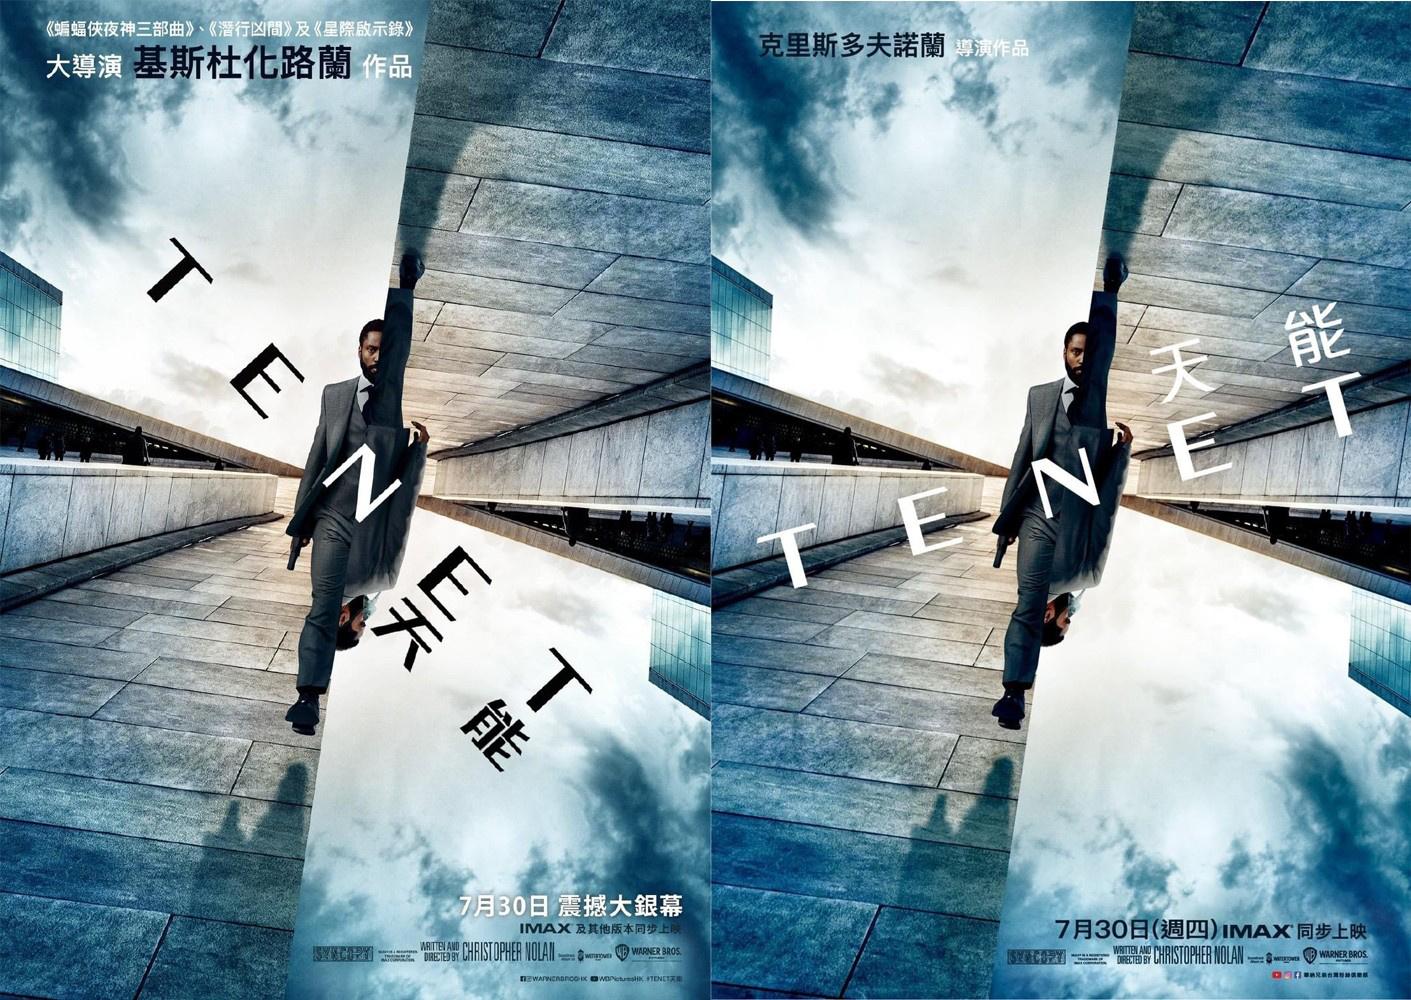 allbet客户端下载:诺兰《信条》港台定档海报曝光 先于北美一天上映